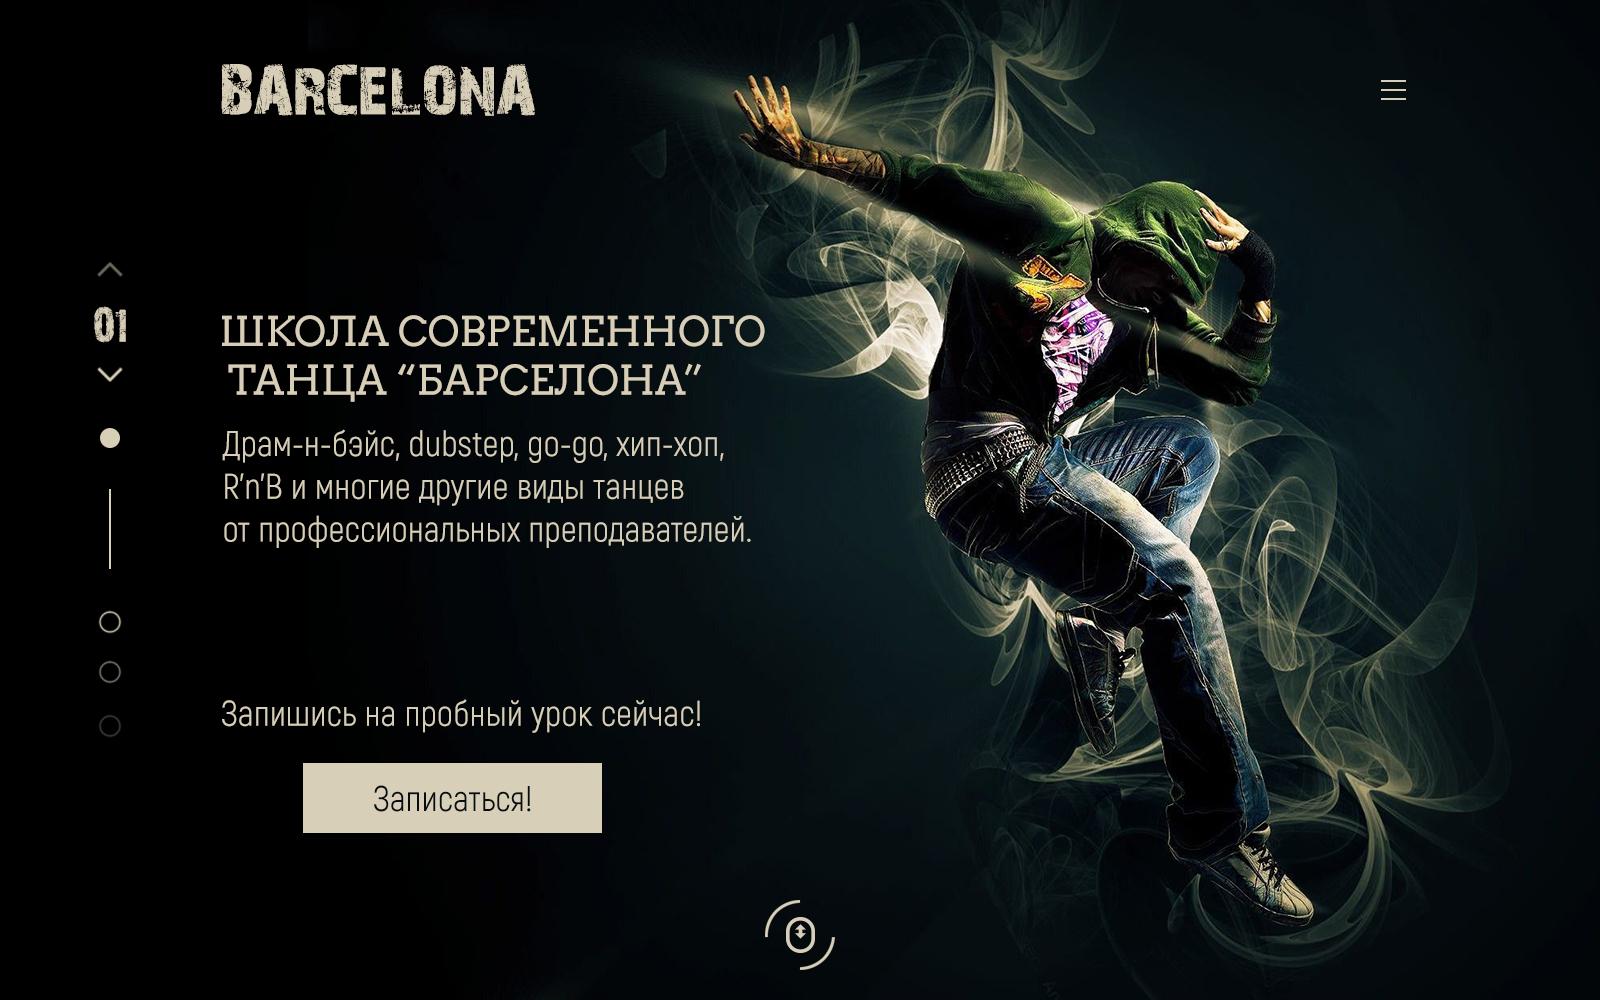 Главная страница сайта танцевальной школы.